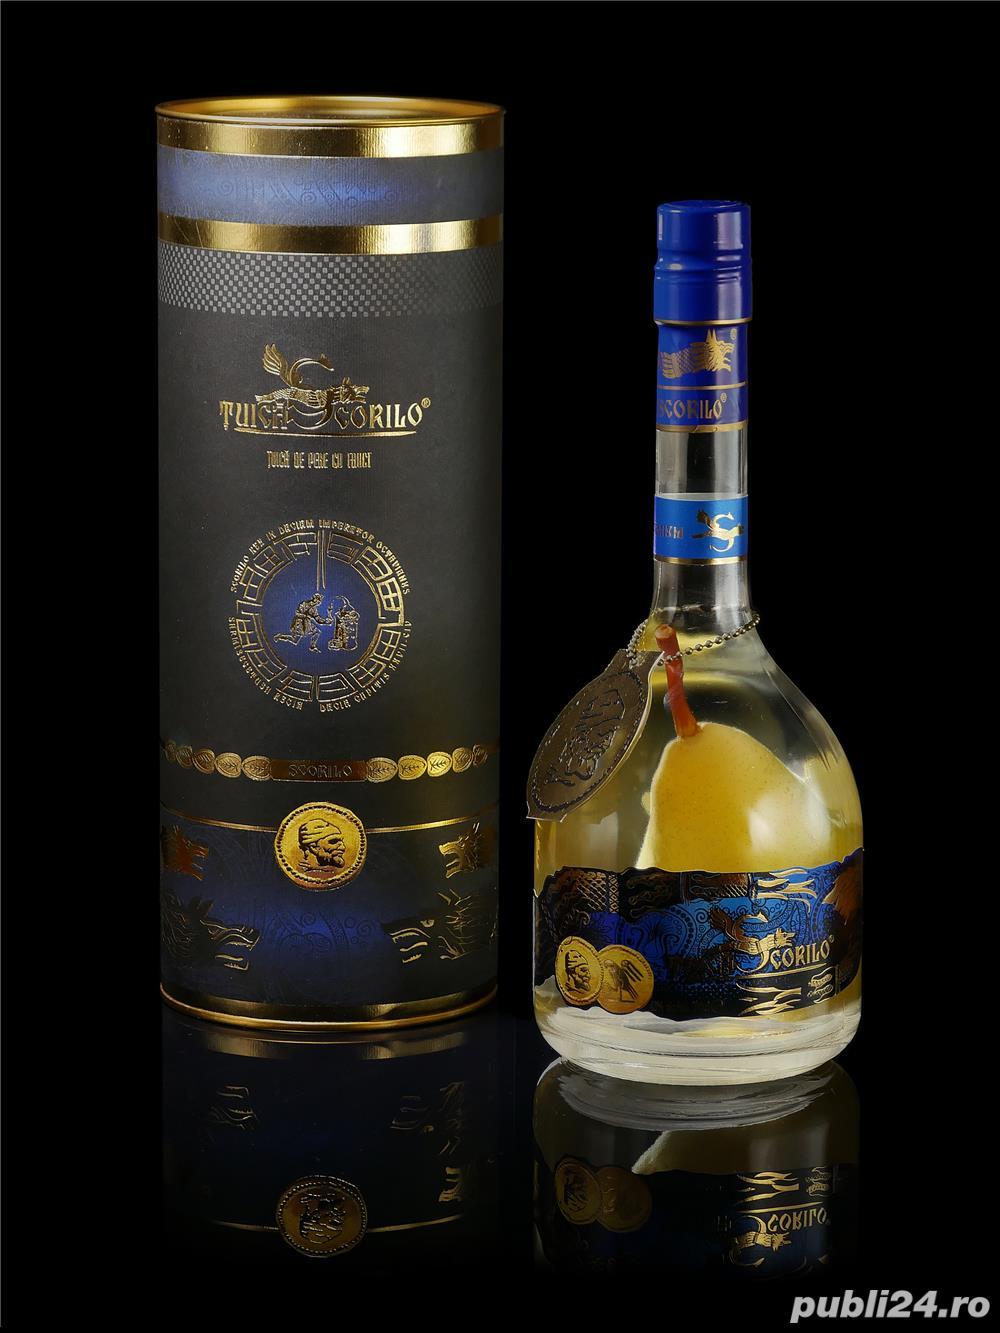 TUICA SCORILO-distilat din pere Williams-2013 Premium Quality cu para in interiorul sticlei